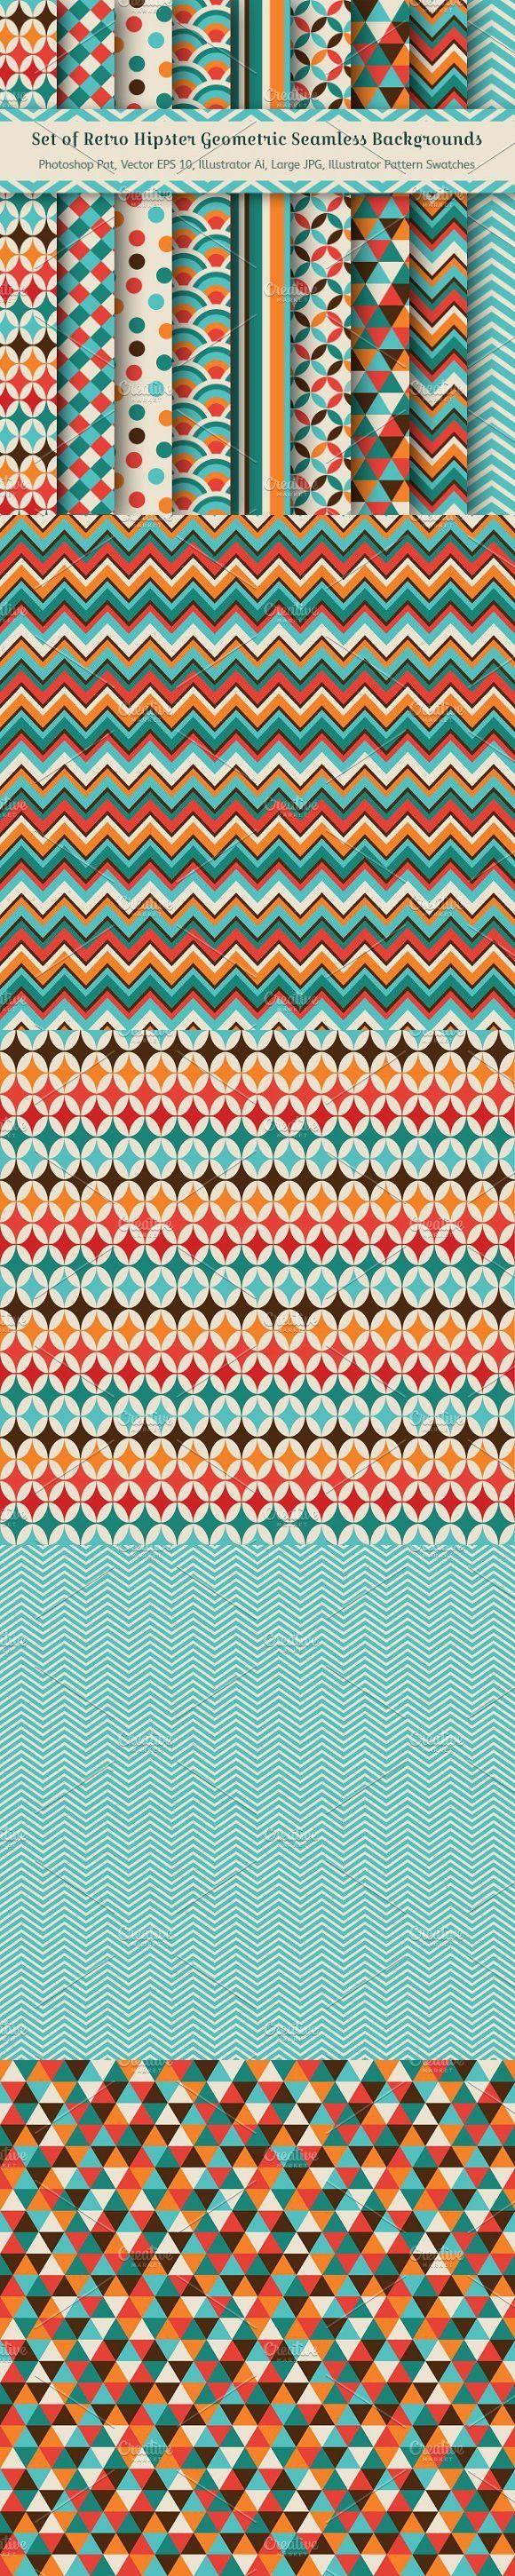 9 Geometric Seamless Backgrounds. Patterns